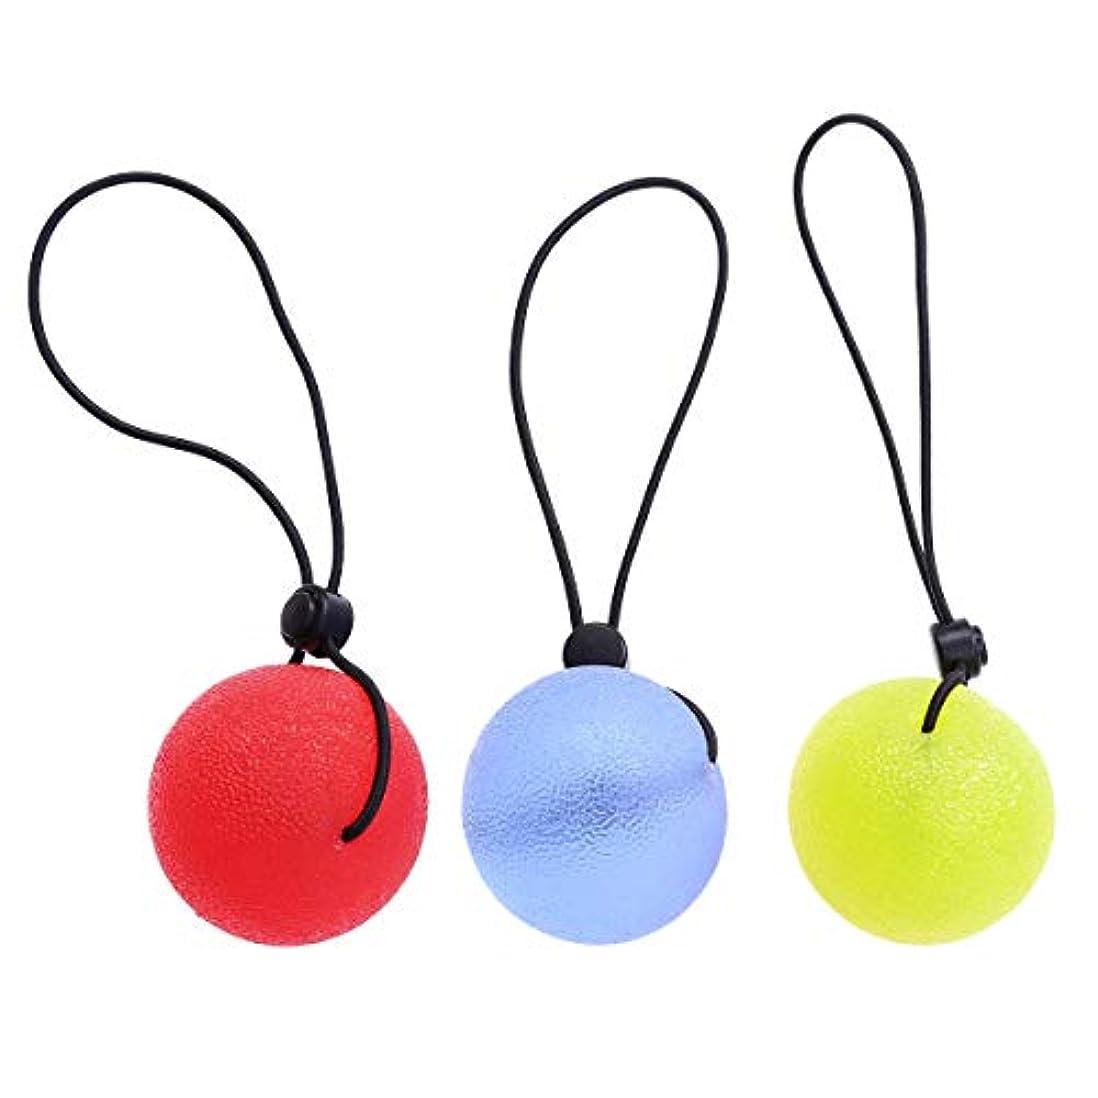 委任四面体気づくなるHEALIFTY ストレスリリーフボール、3本の指グリップボールセラピーエクササイズスクイズ卵ストレスボールストリングフィットネス機器(ランダムカラー)